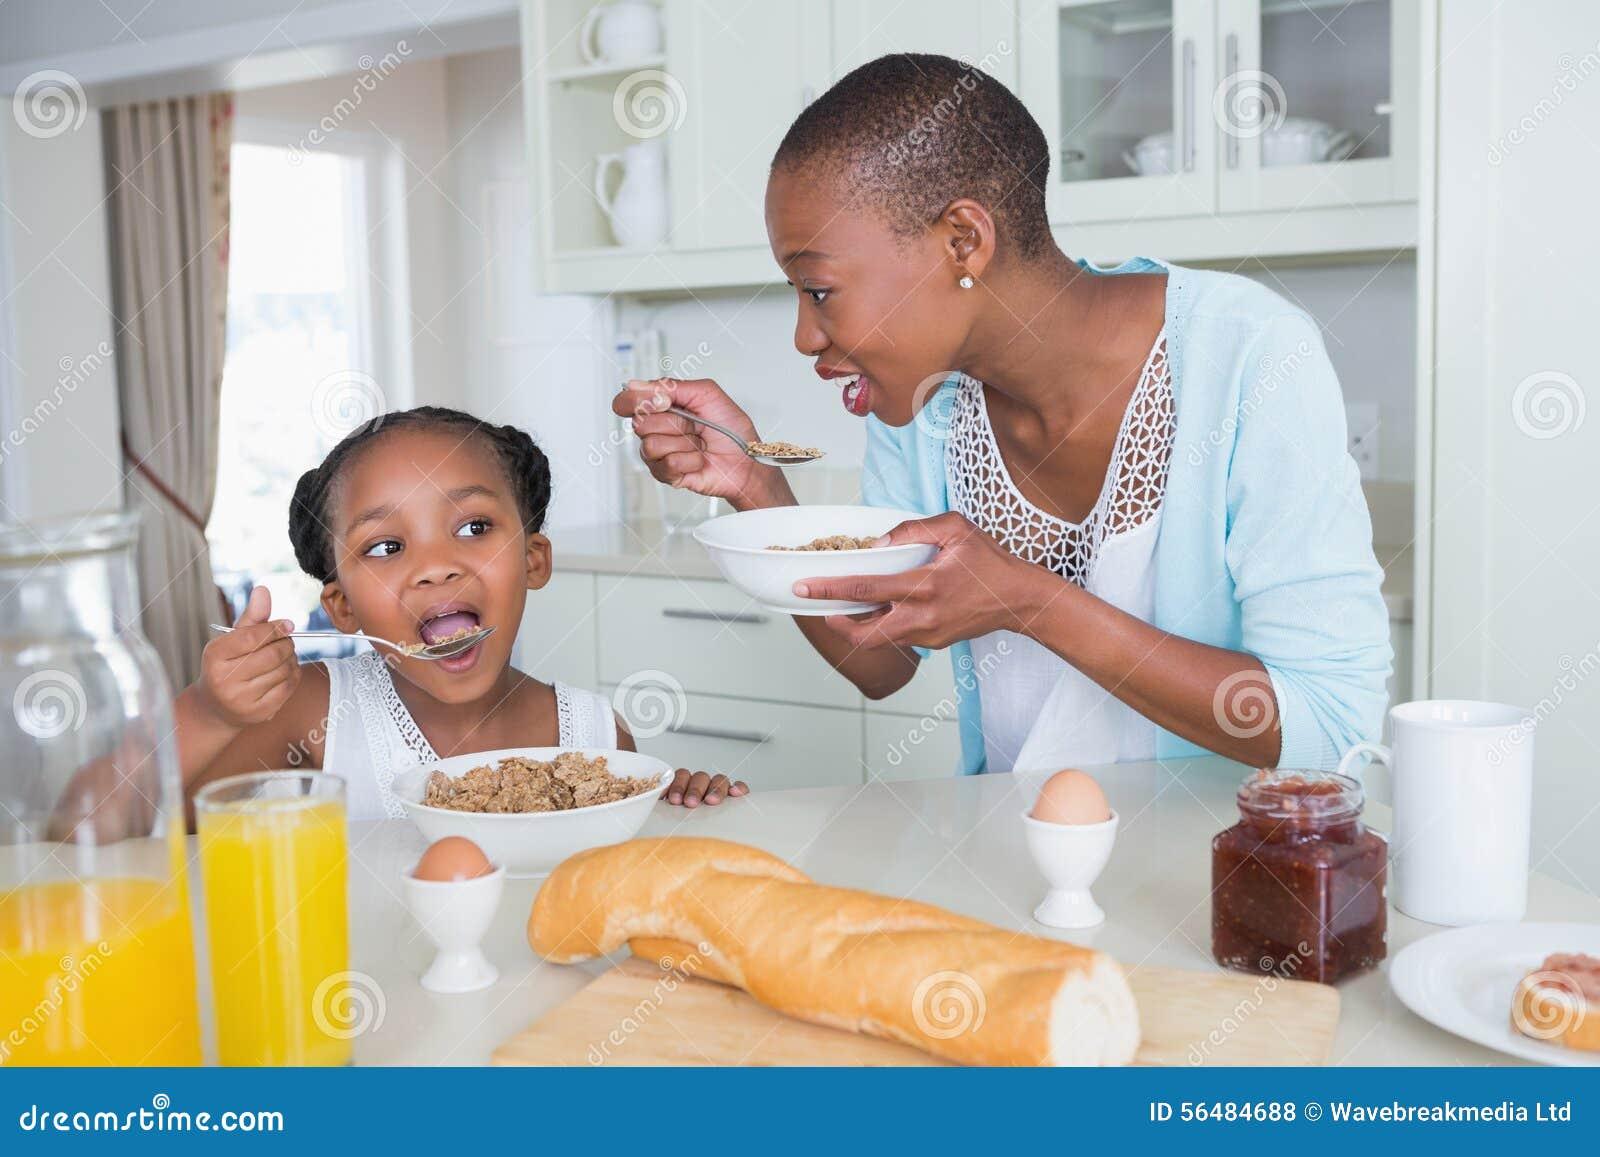 Mère et duaghter mangeant ensemble